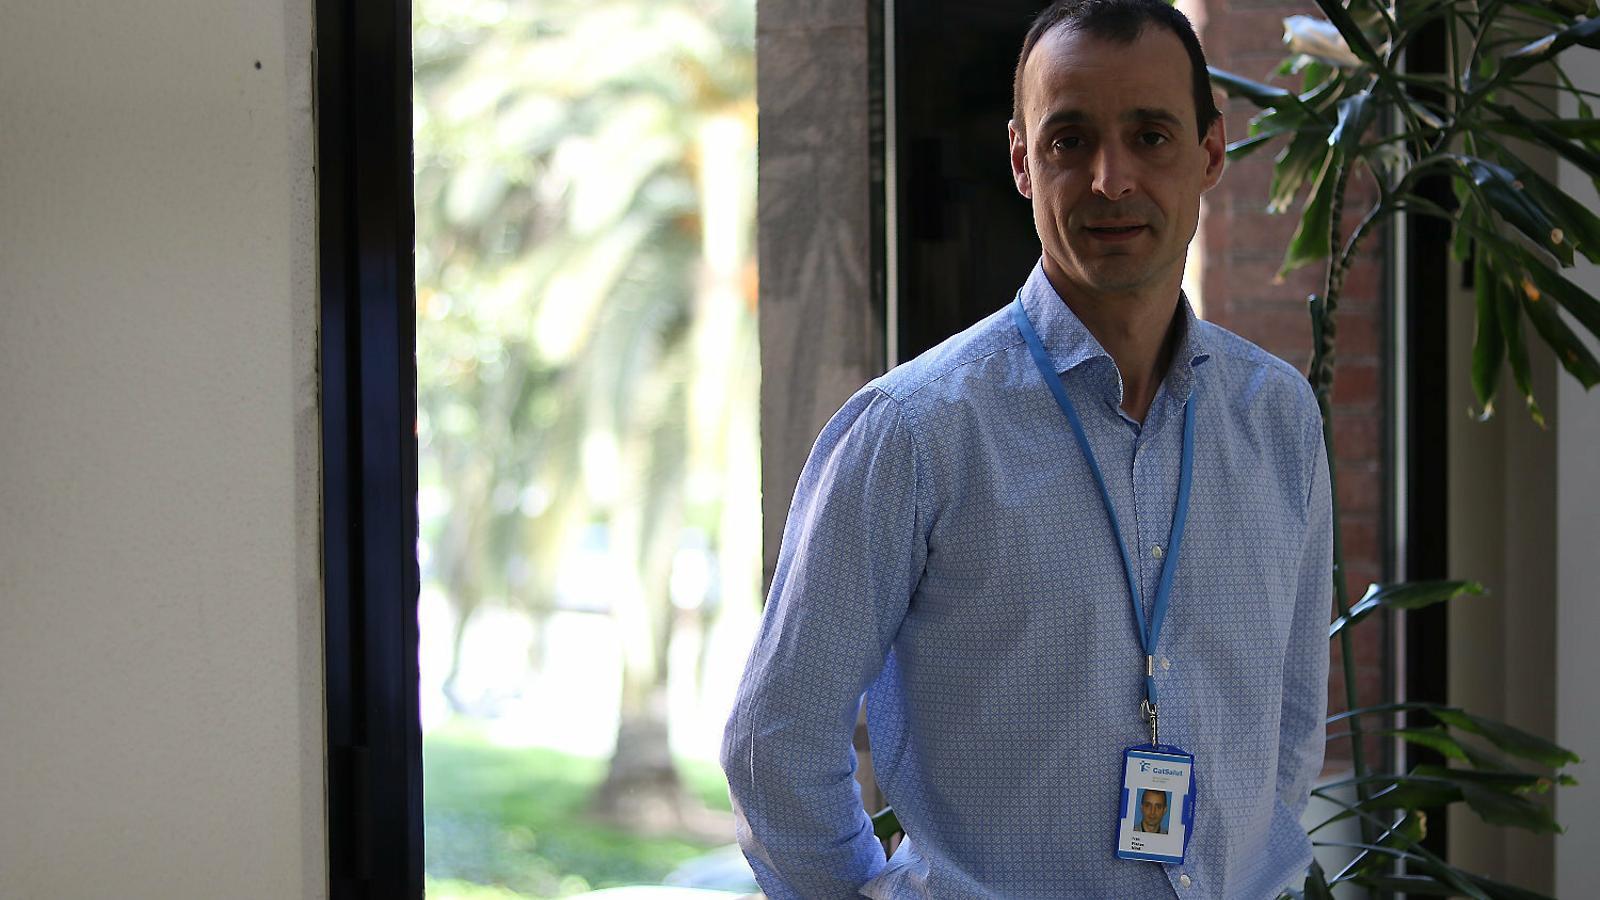 """Ivan Planas: """"Ens plantegem compensar econòmicament l'esforç dels sanitaris"""""""